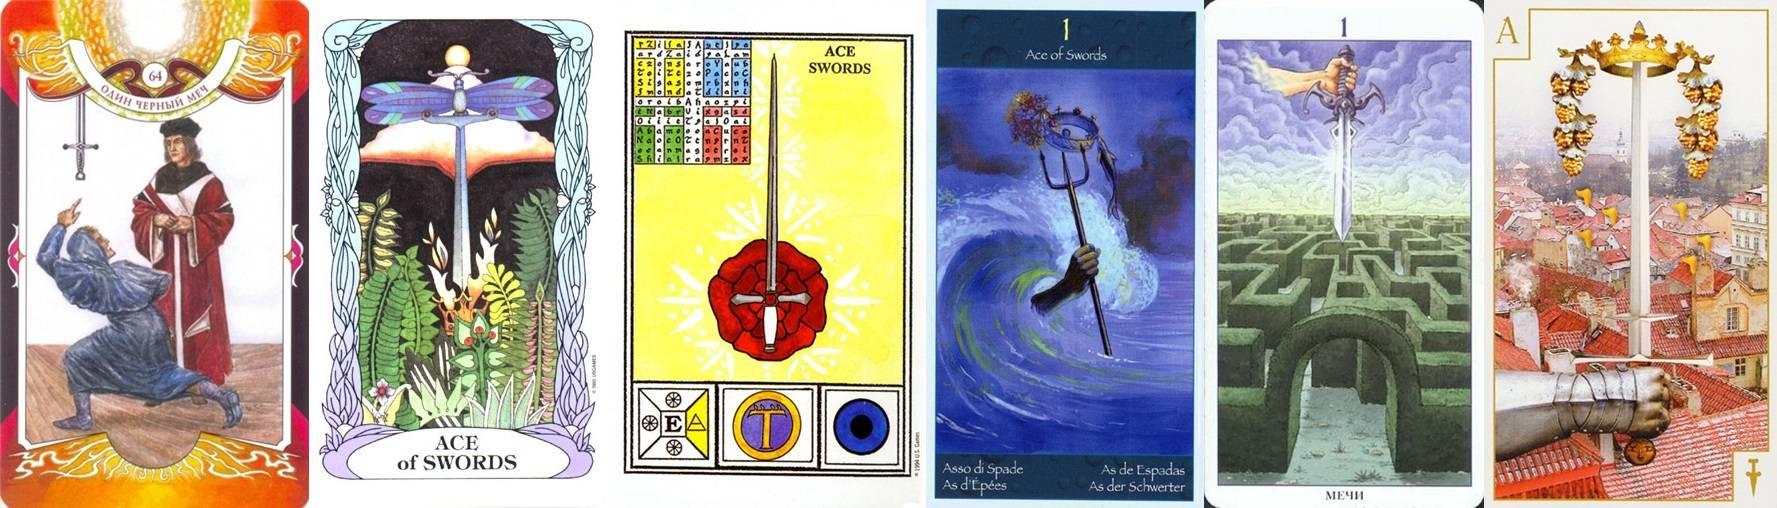 Туз мечей таро тота: значение и толкование карты